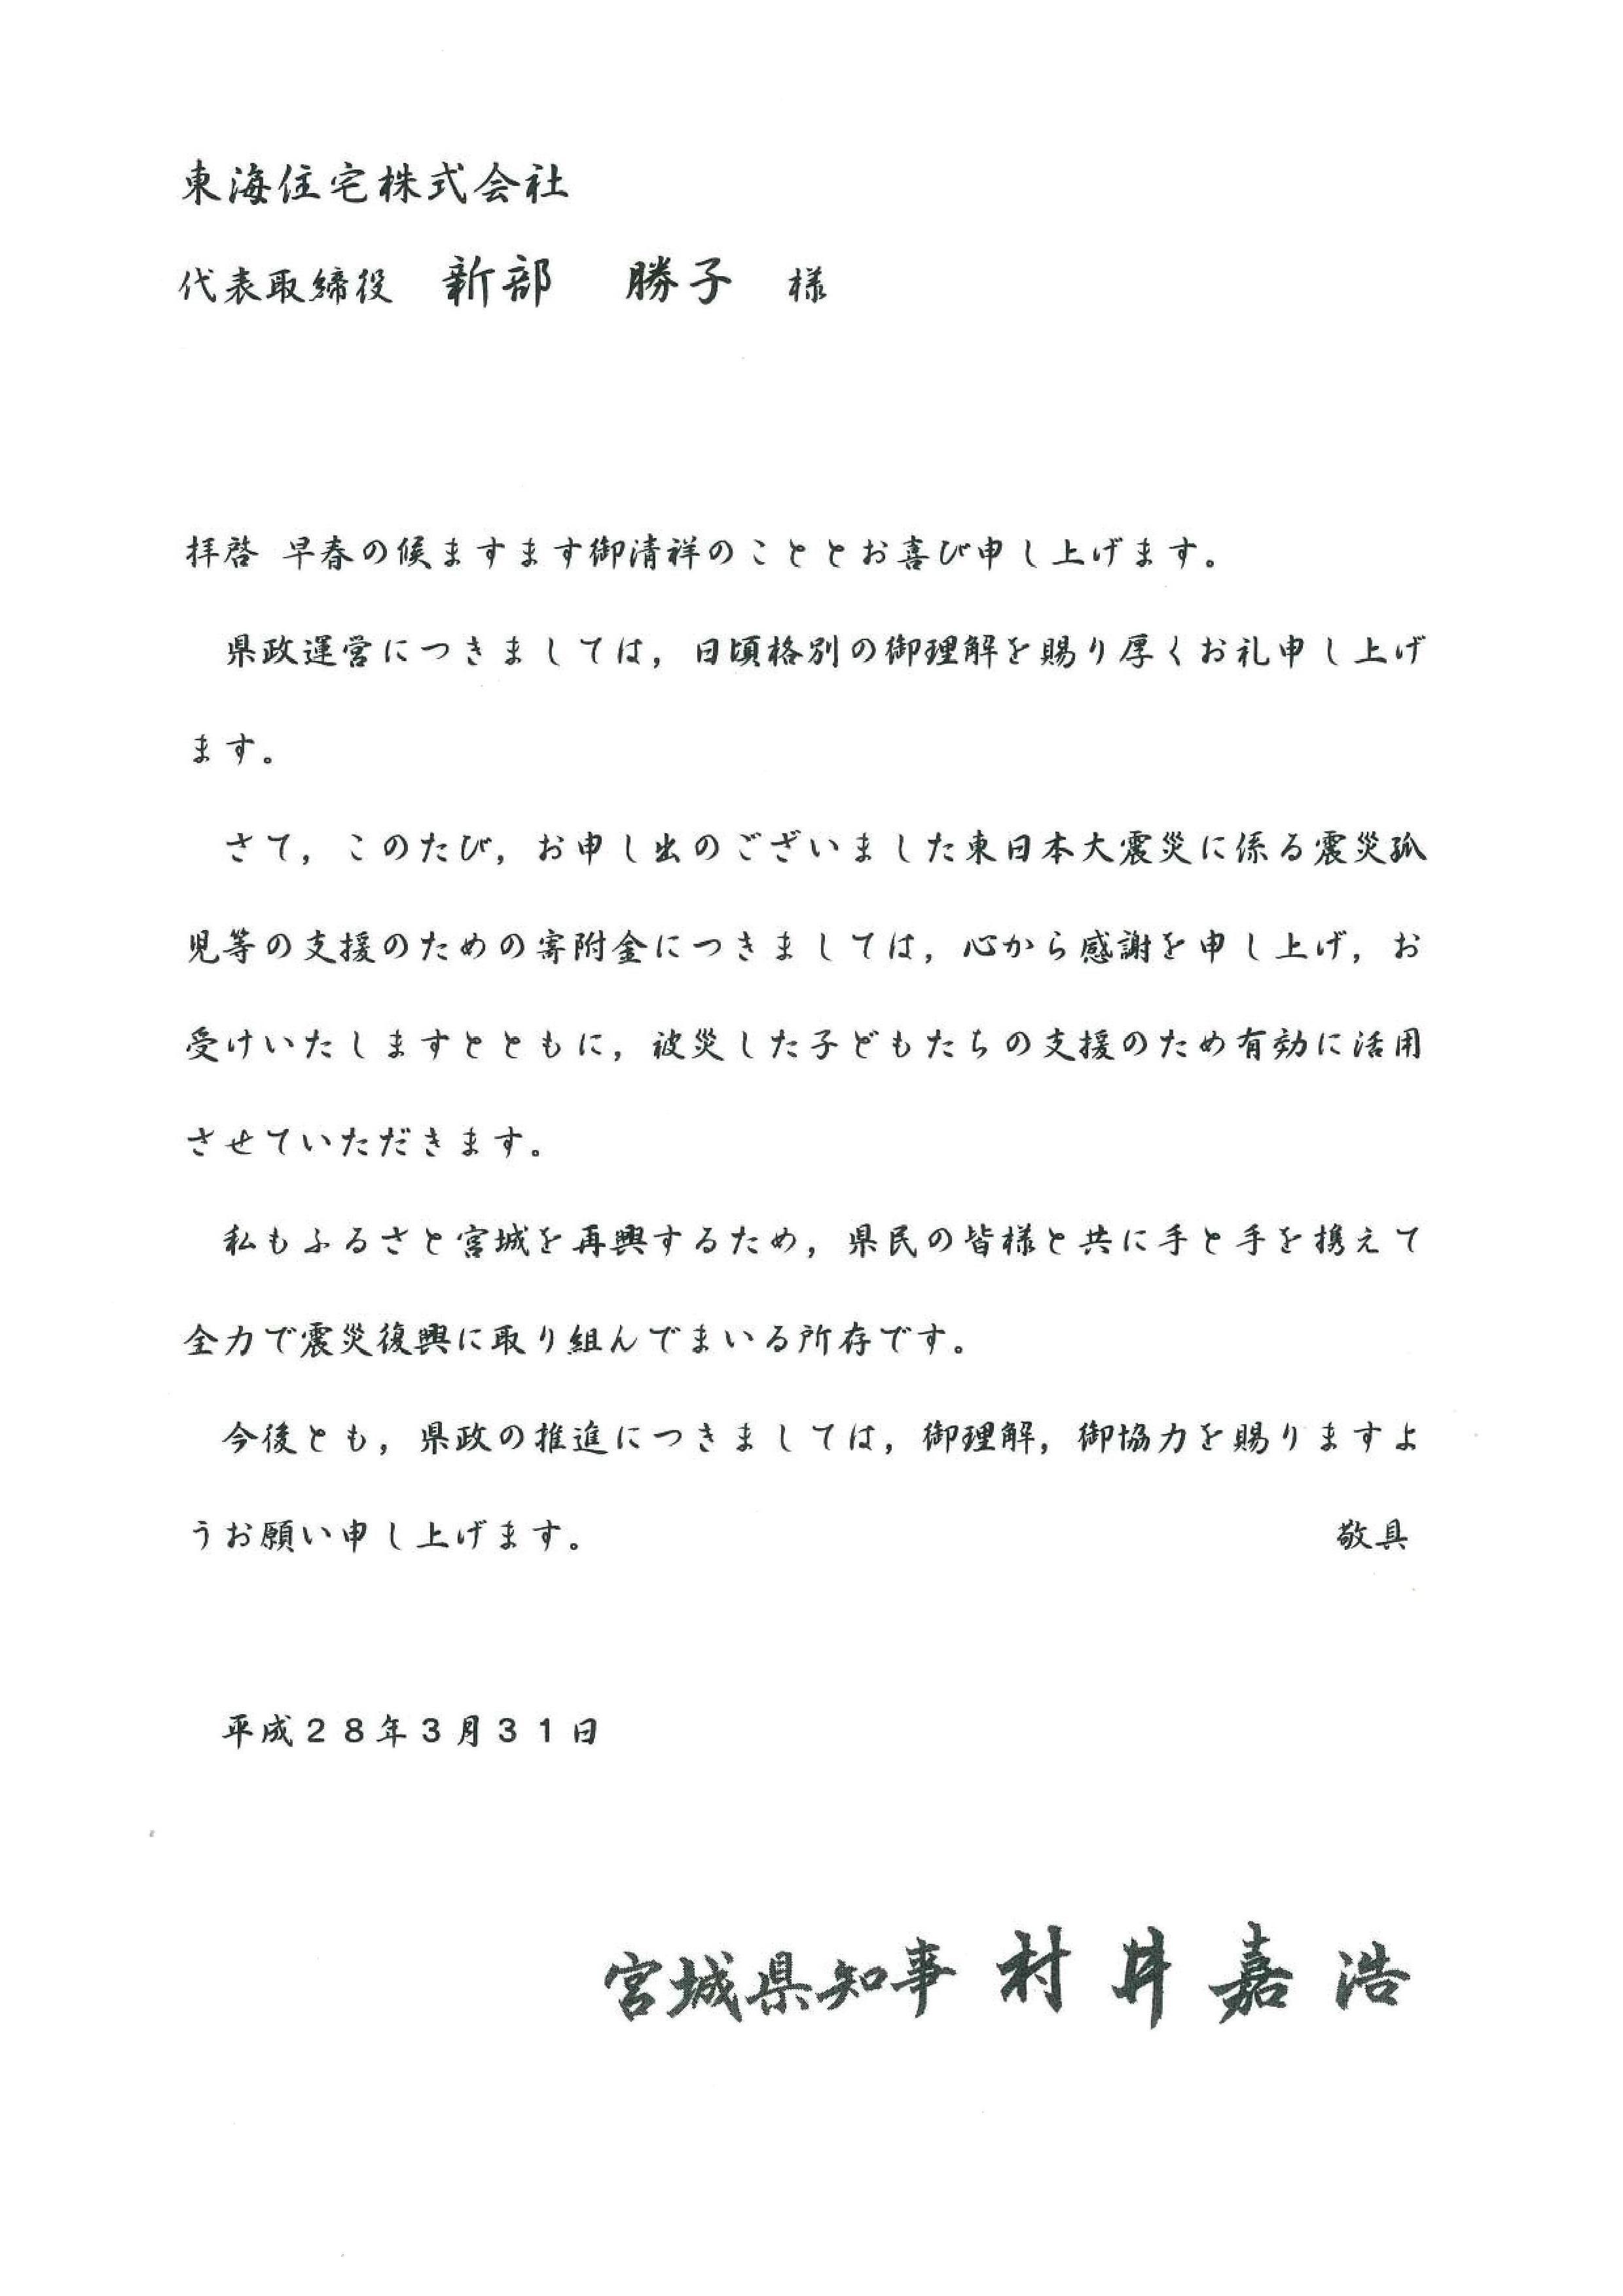 【感謝の手紙:村井知事】東日本大震災寄付金20160331 (2)